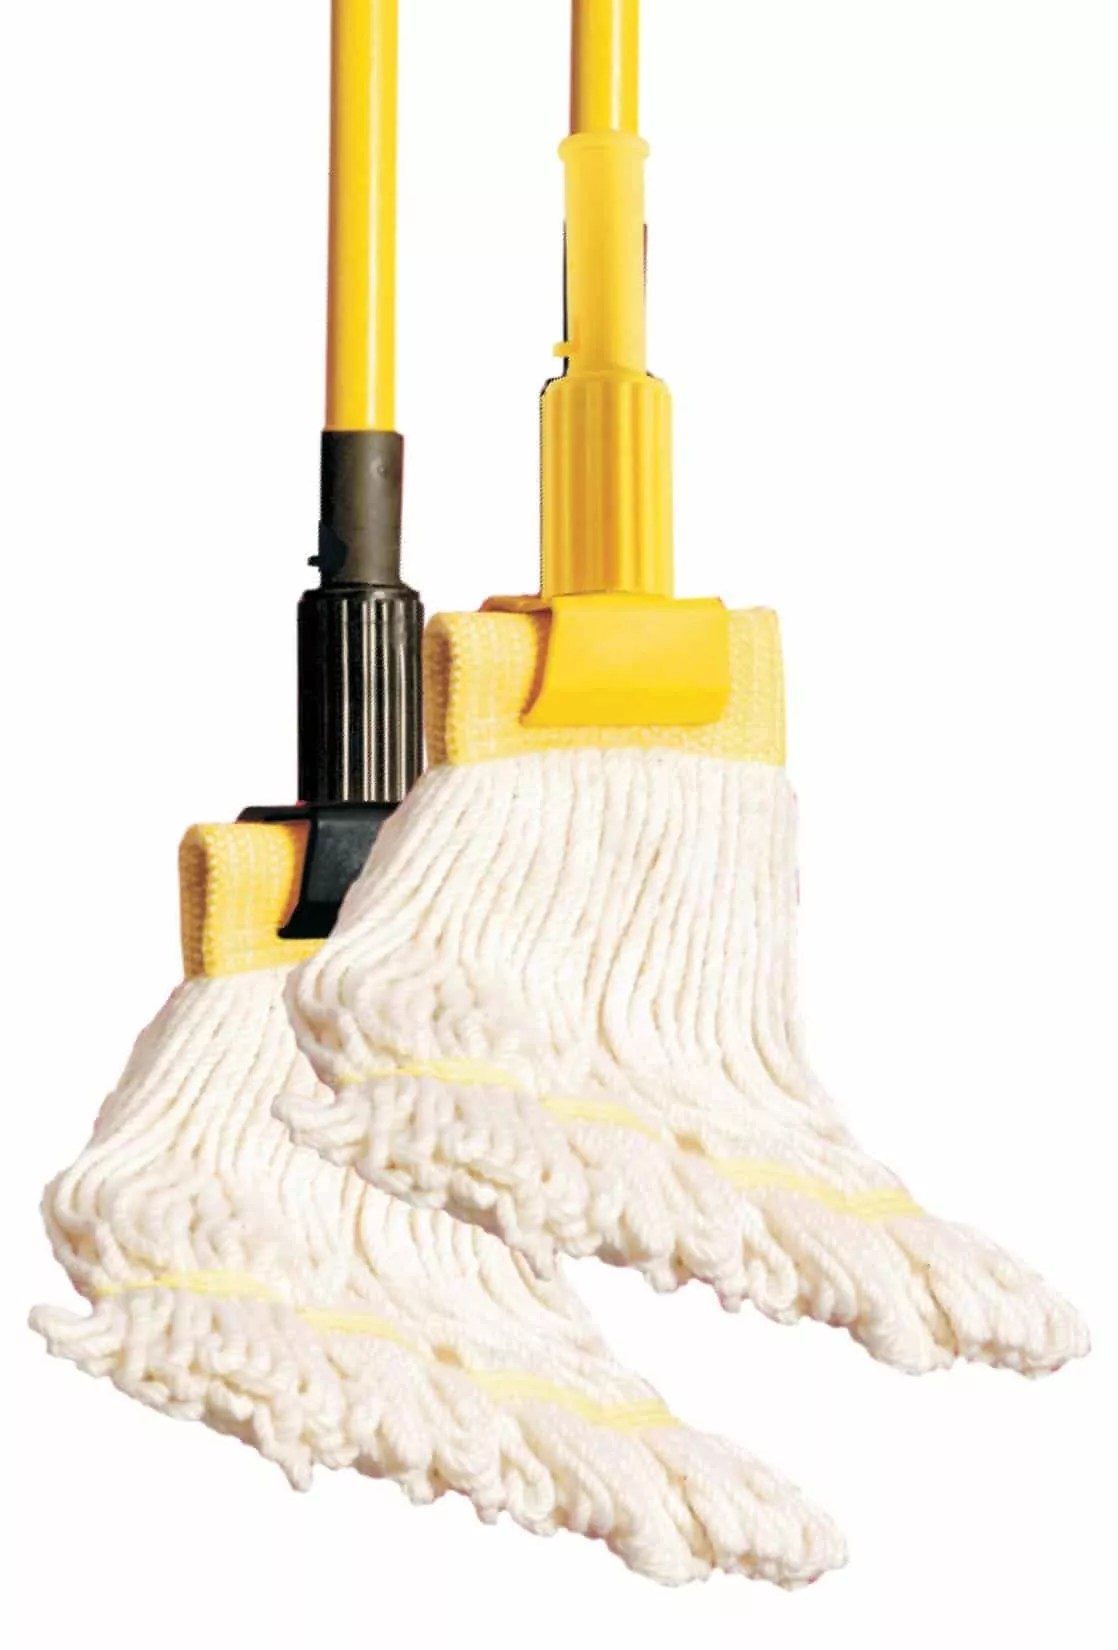 Global – Wet Mop Handles